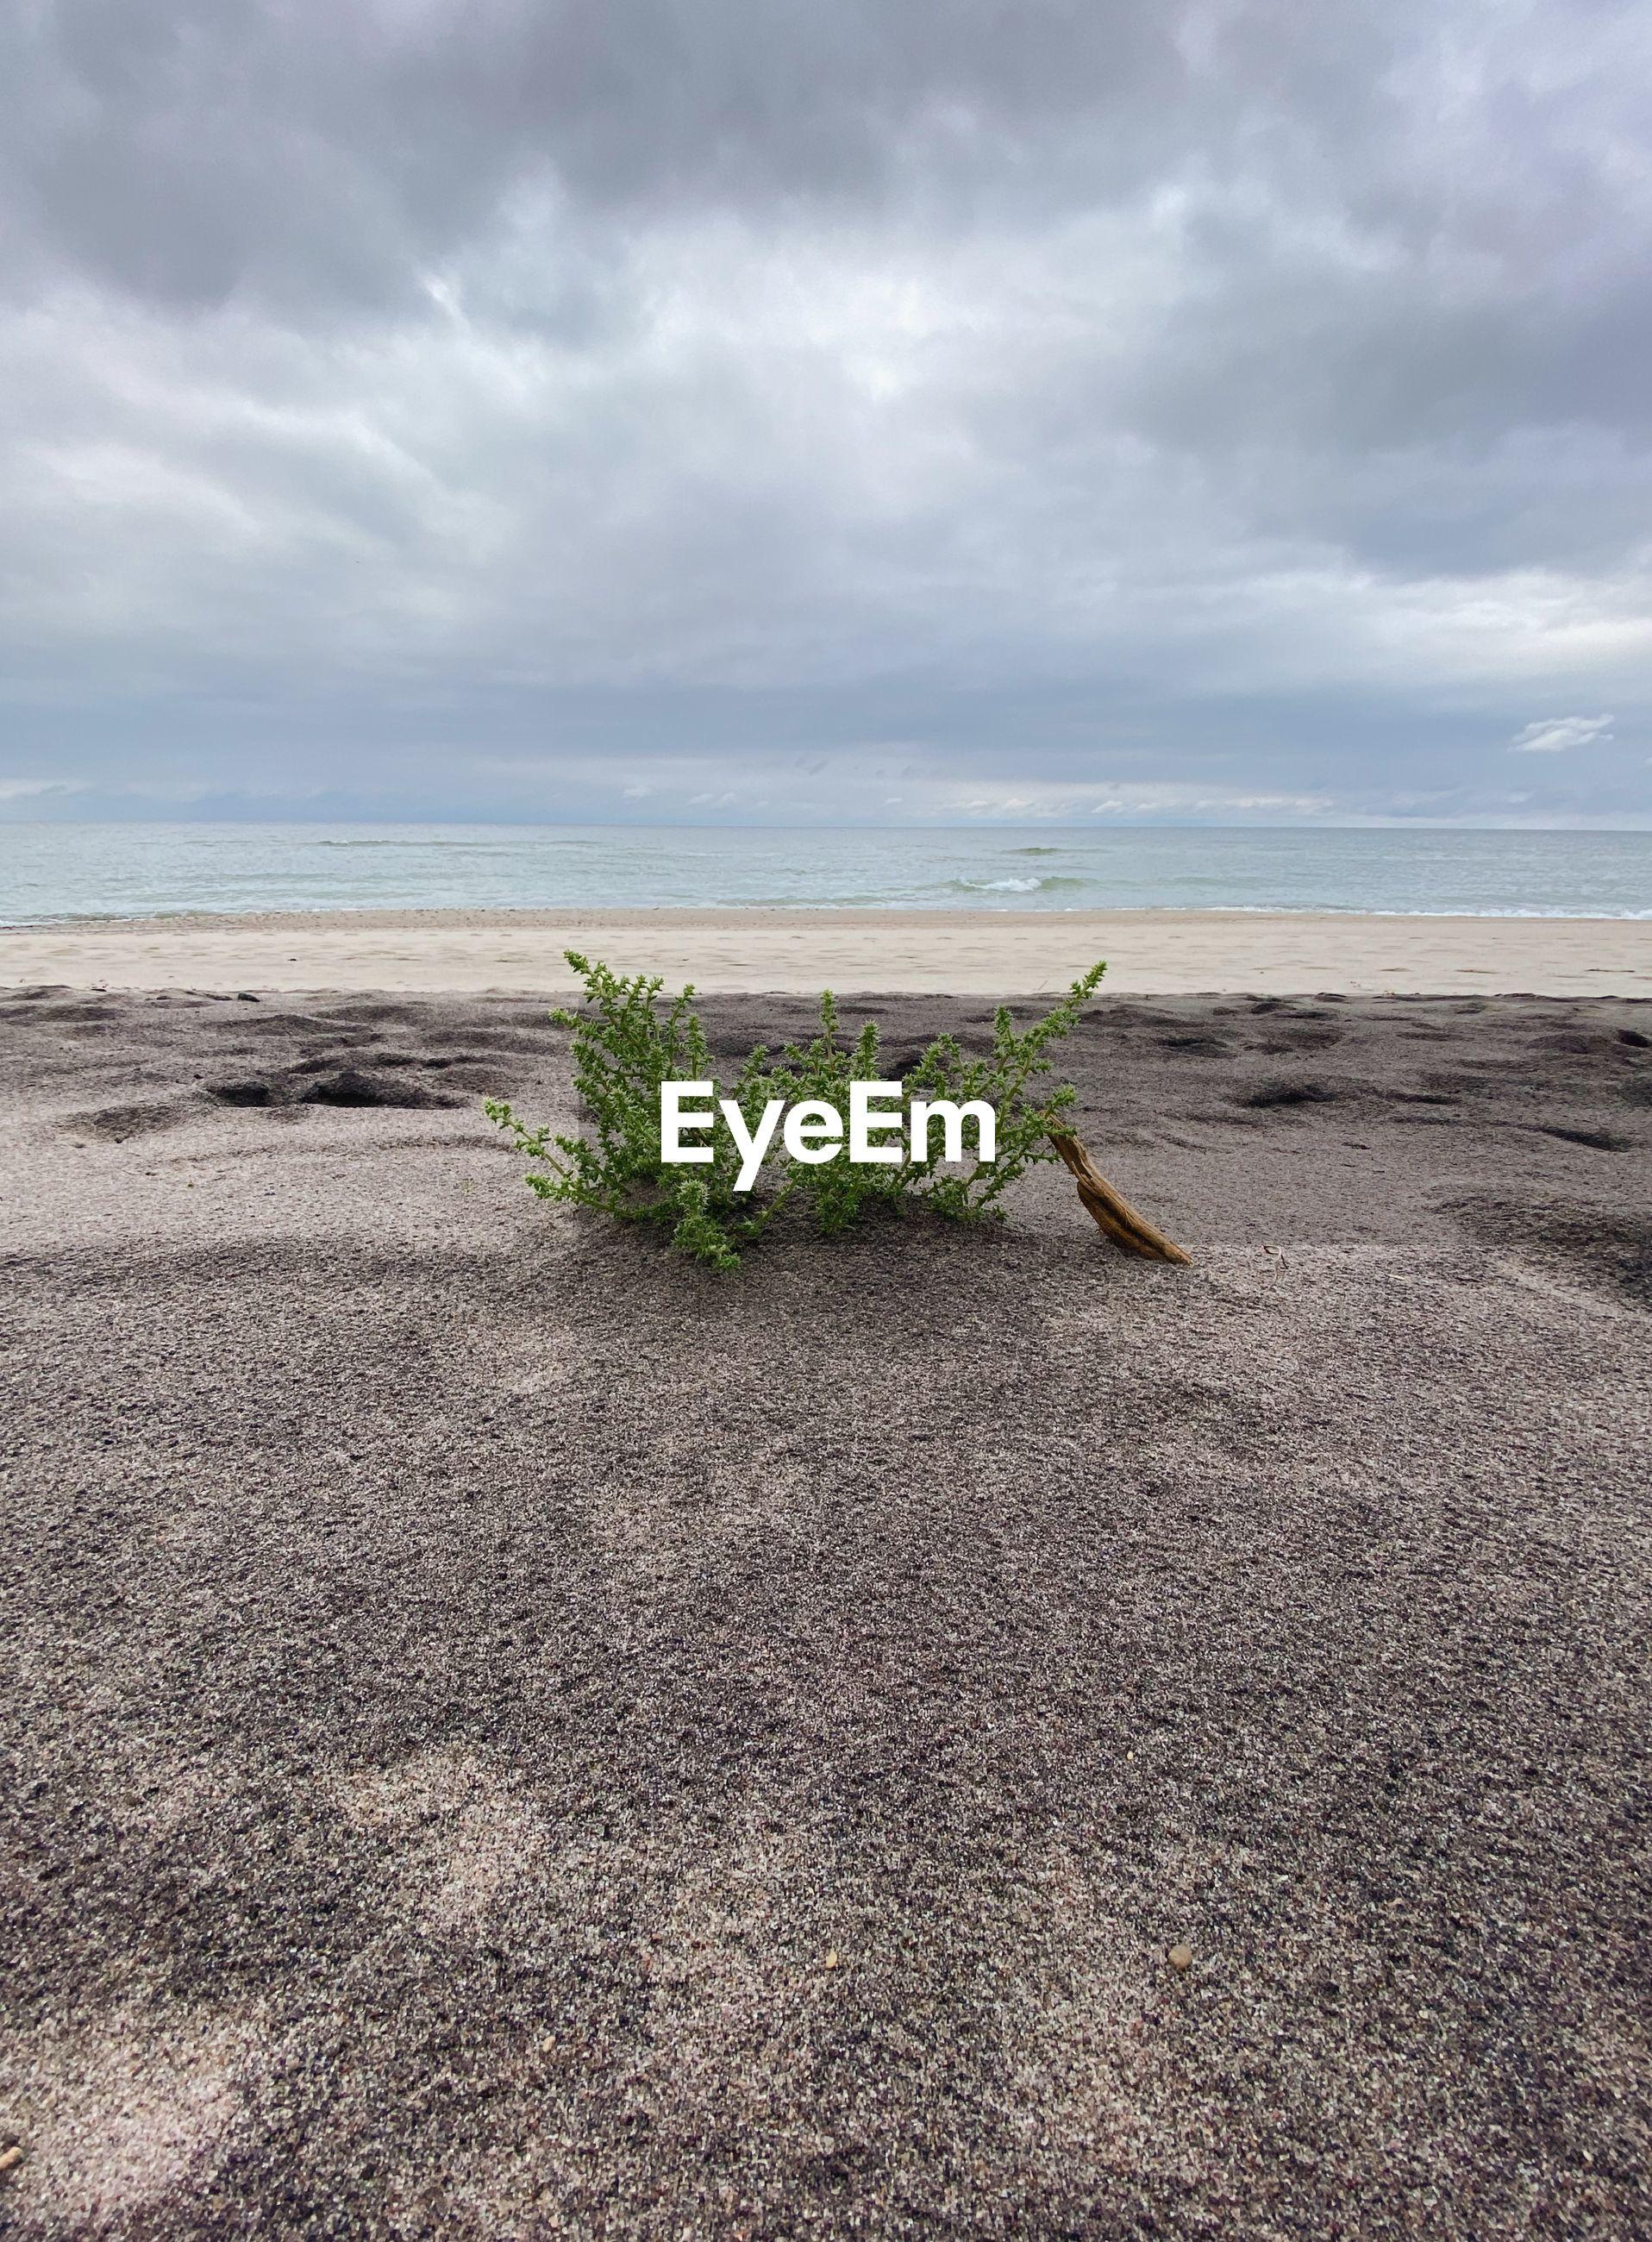 PLANTS ON BEACH AGAINST SKY